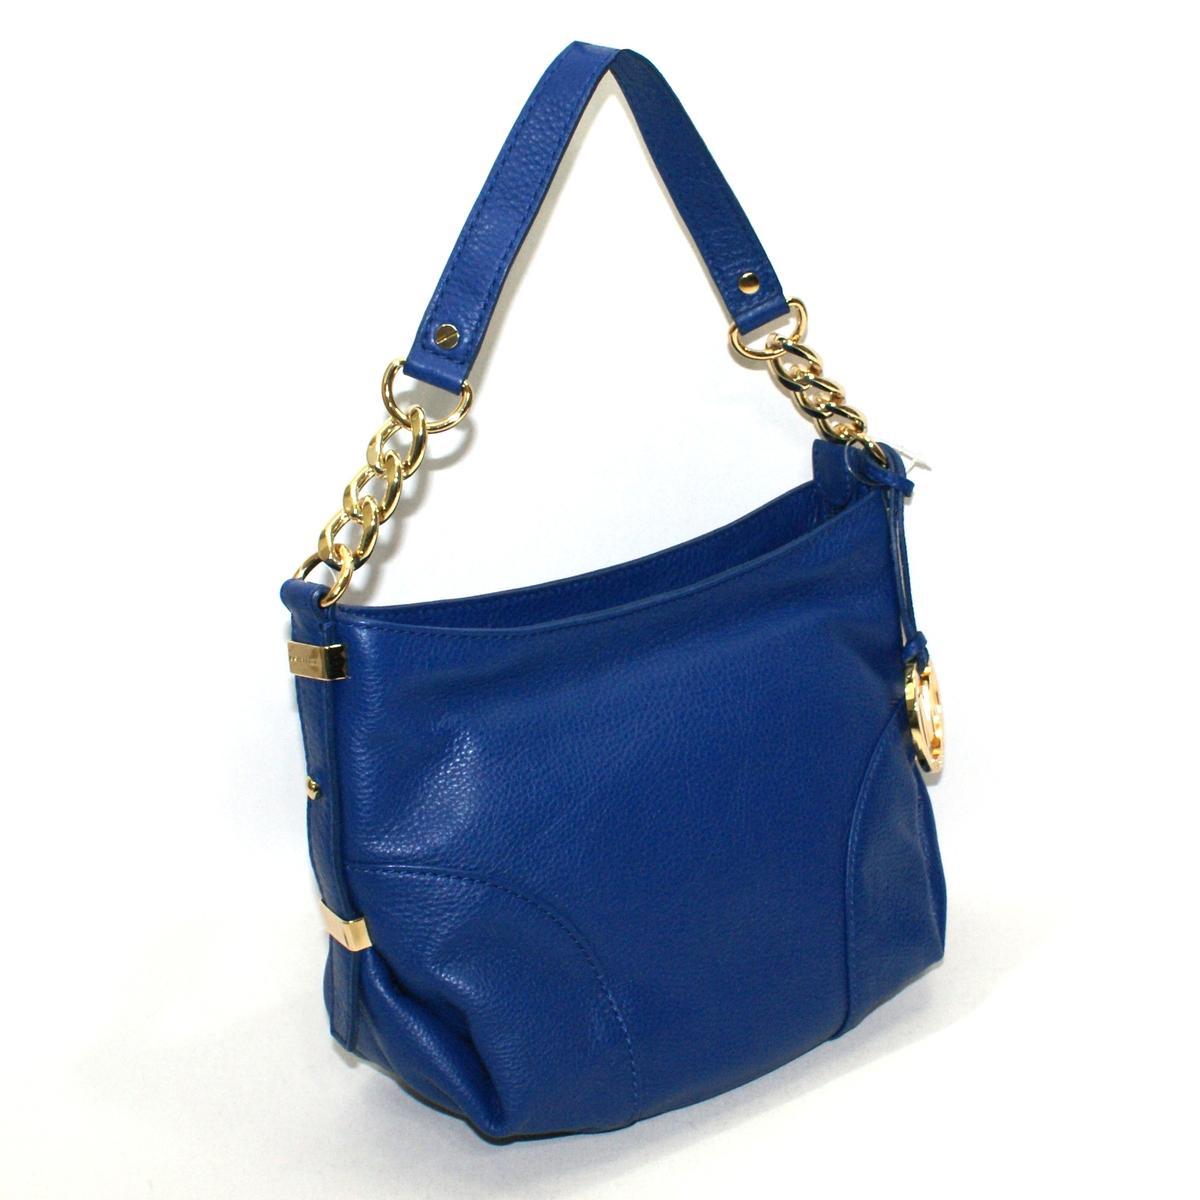 ... Michael Kors Jet Set Chain Genuine Leather Small Shoulder Bag Cobalt